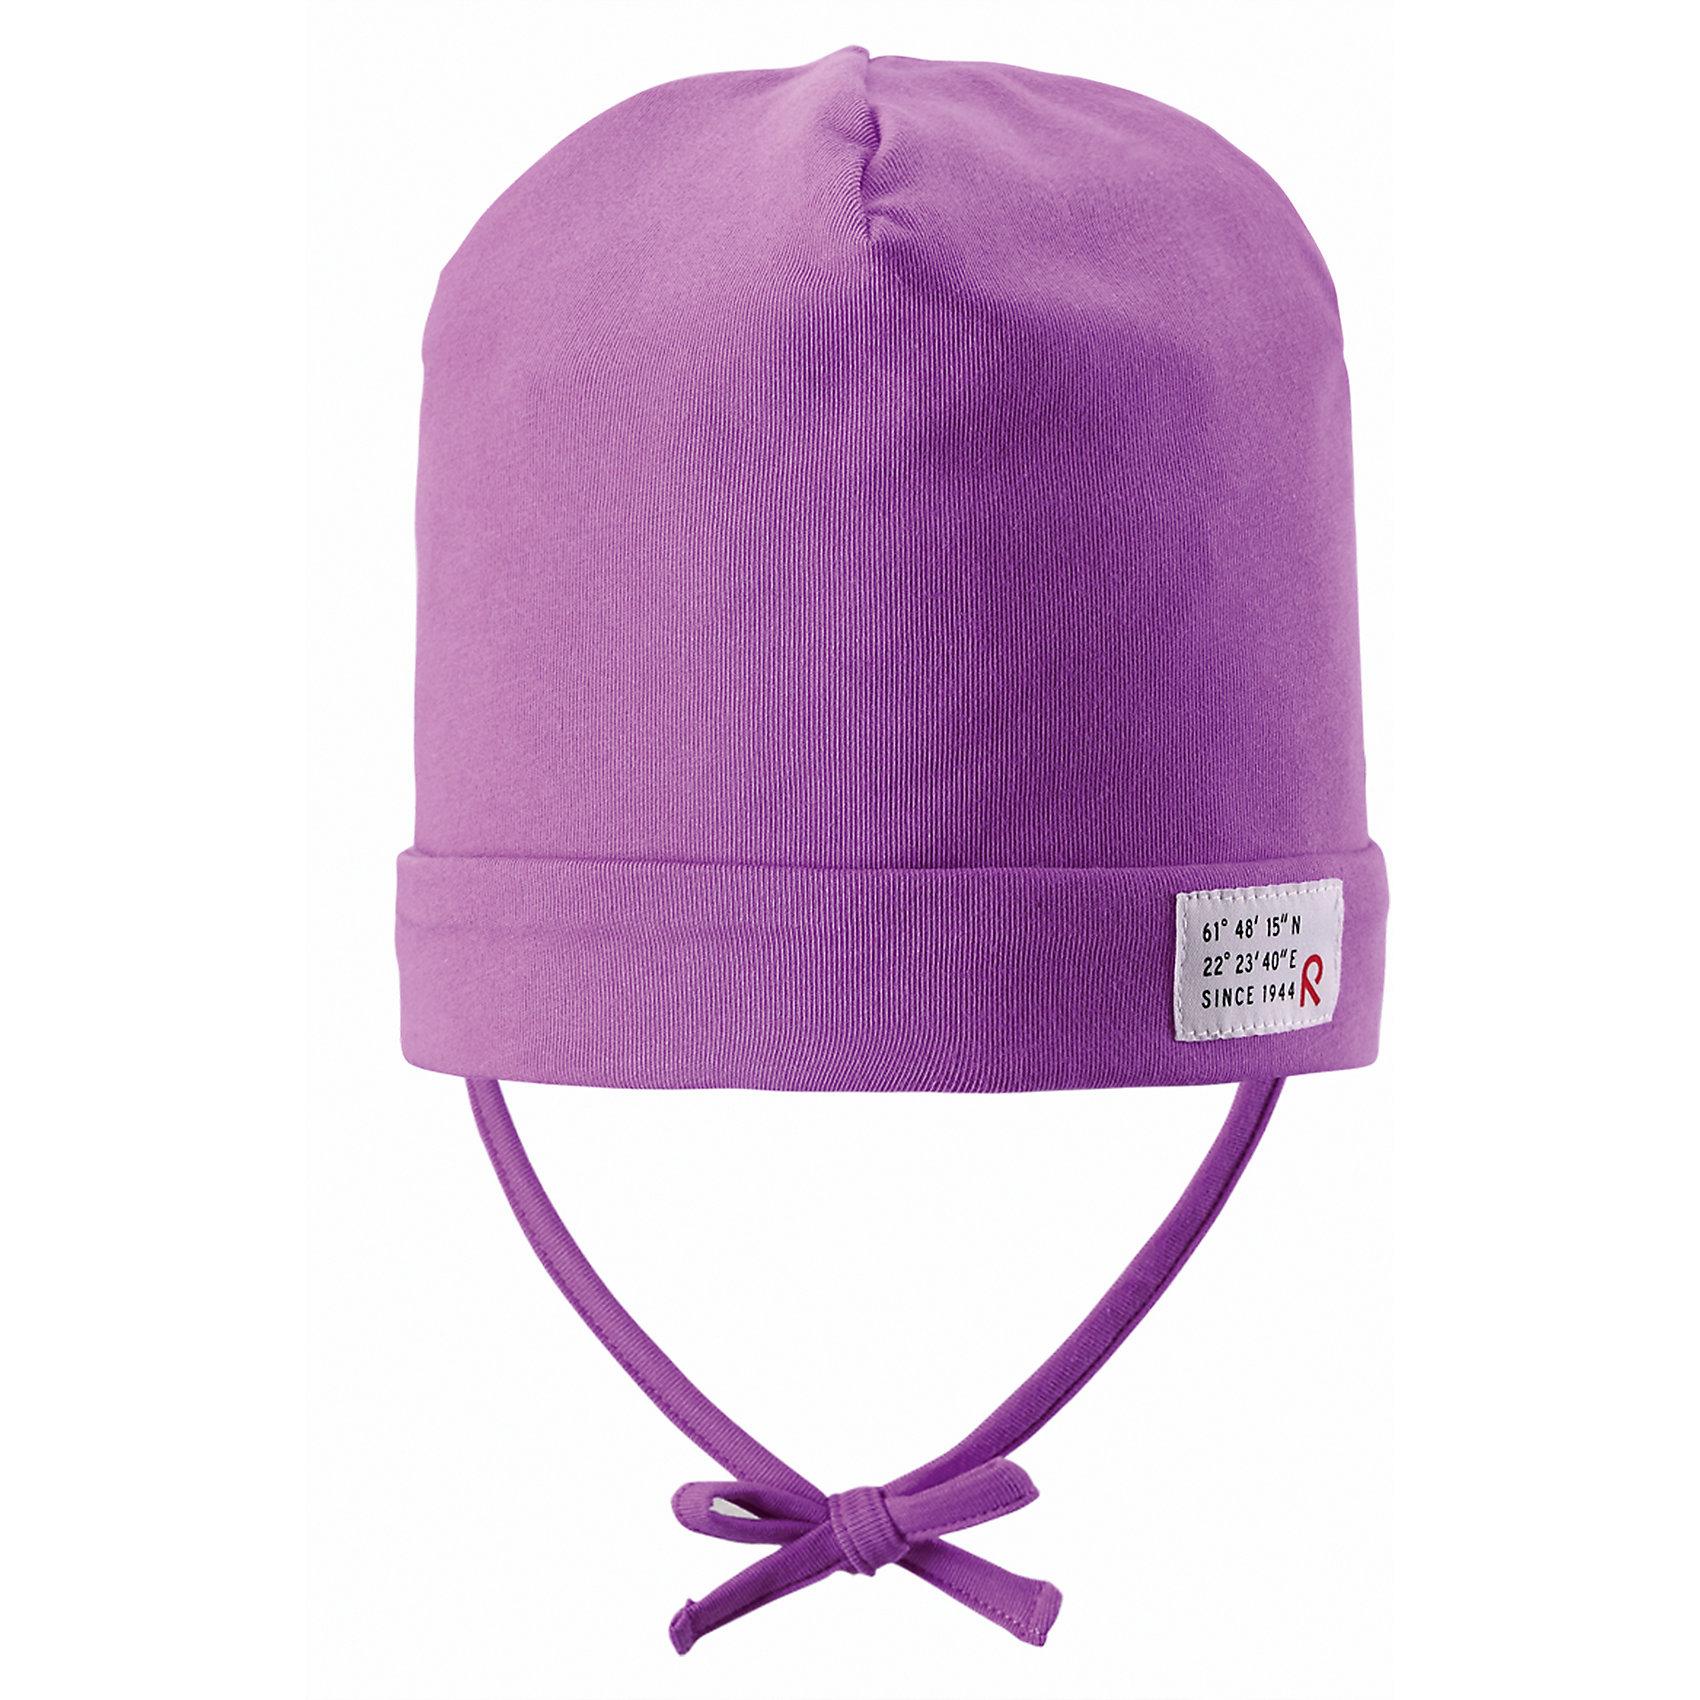 Шапка для девочки ReimaВесна пришла! А к весне мы подготовили эту легкую шапочку для малышей свежей расцветки с УФ-защитой 40+. Шапочка изготовлена из дышащего и быстросохнущего материла Play Jersey®, эффективно выводящего влагу с кожи. Идеальный выбор для активных прогулок на весеннем солнышке! <br><br>Дополнительная информация:<br><br>Трикотажная шапка «Бини» для малышей<br>Быстросохнущий материал Play Jersey, приятный на ощупь<br>Мягкий хлопчатобумажный верх, внутренняя поверхность хорошо выводит влагу<br>Фактор защиты от ультрафиолета 40+<br>Сплошная подкладка: отводящий влагу материал Play Jersey<br>Логотип Reima® сбоку<br>Состав:<br>65% ХЛ 30% ПЭ 5% ЭЛ<br>Уход:<br>Стирать с бельем одинакового цвета, вывернув наизнанку. Полоскать без специального средства. Придать первоначальную форму вo влажном виде.<br><br>Ширина мм: 89<br>Глубина мм: 117<br>Высота мм: 44<br>Вес г: 155<br>Цвет: розовый<br>Возраст от месяцев: 60<br>Возраст до месяцев: 72<br>Пол: Женский<br>Возраст: Детский<br>Размер: 52,48,50,46<br>SKU: 4497781